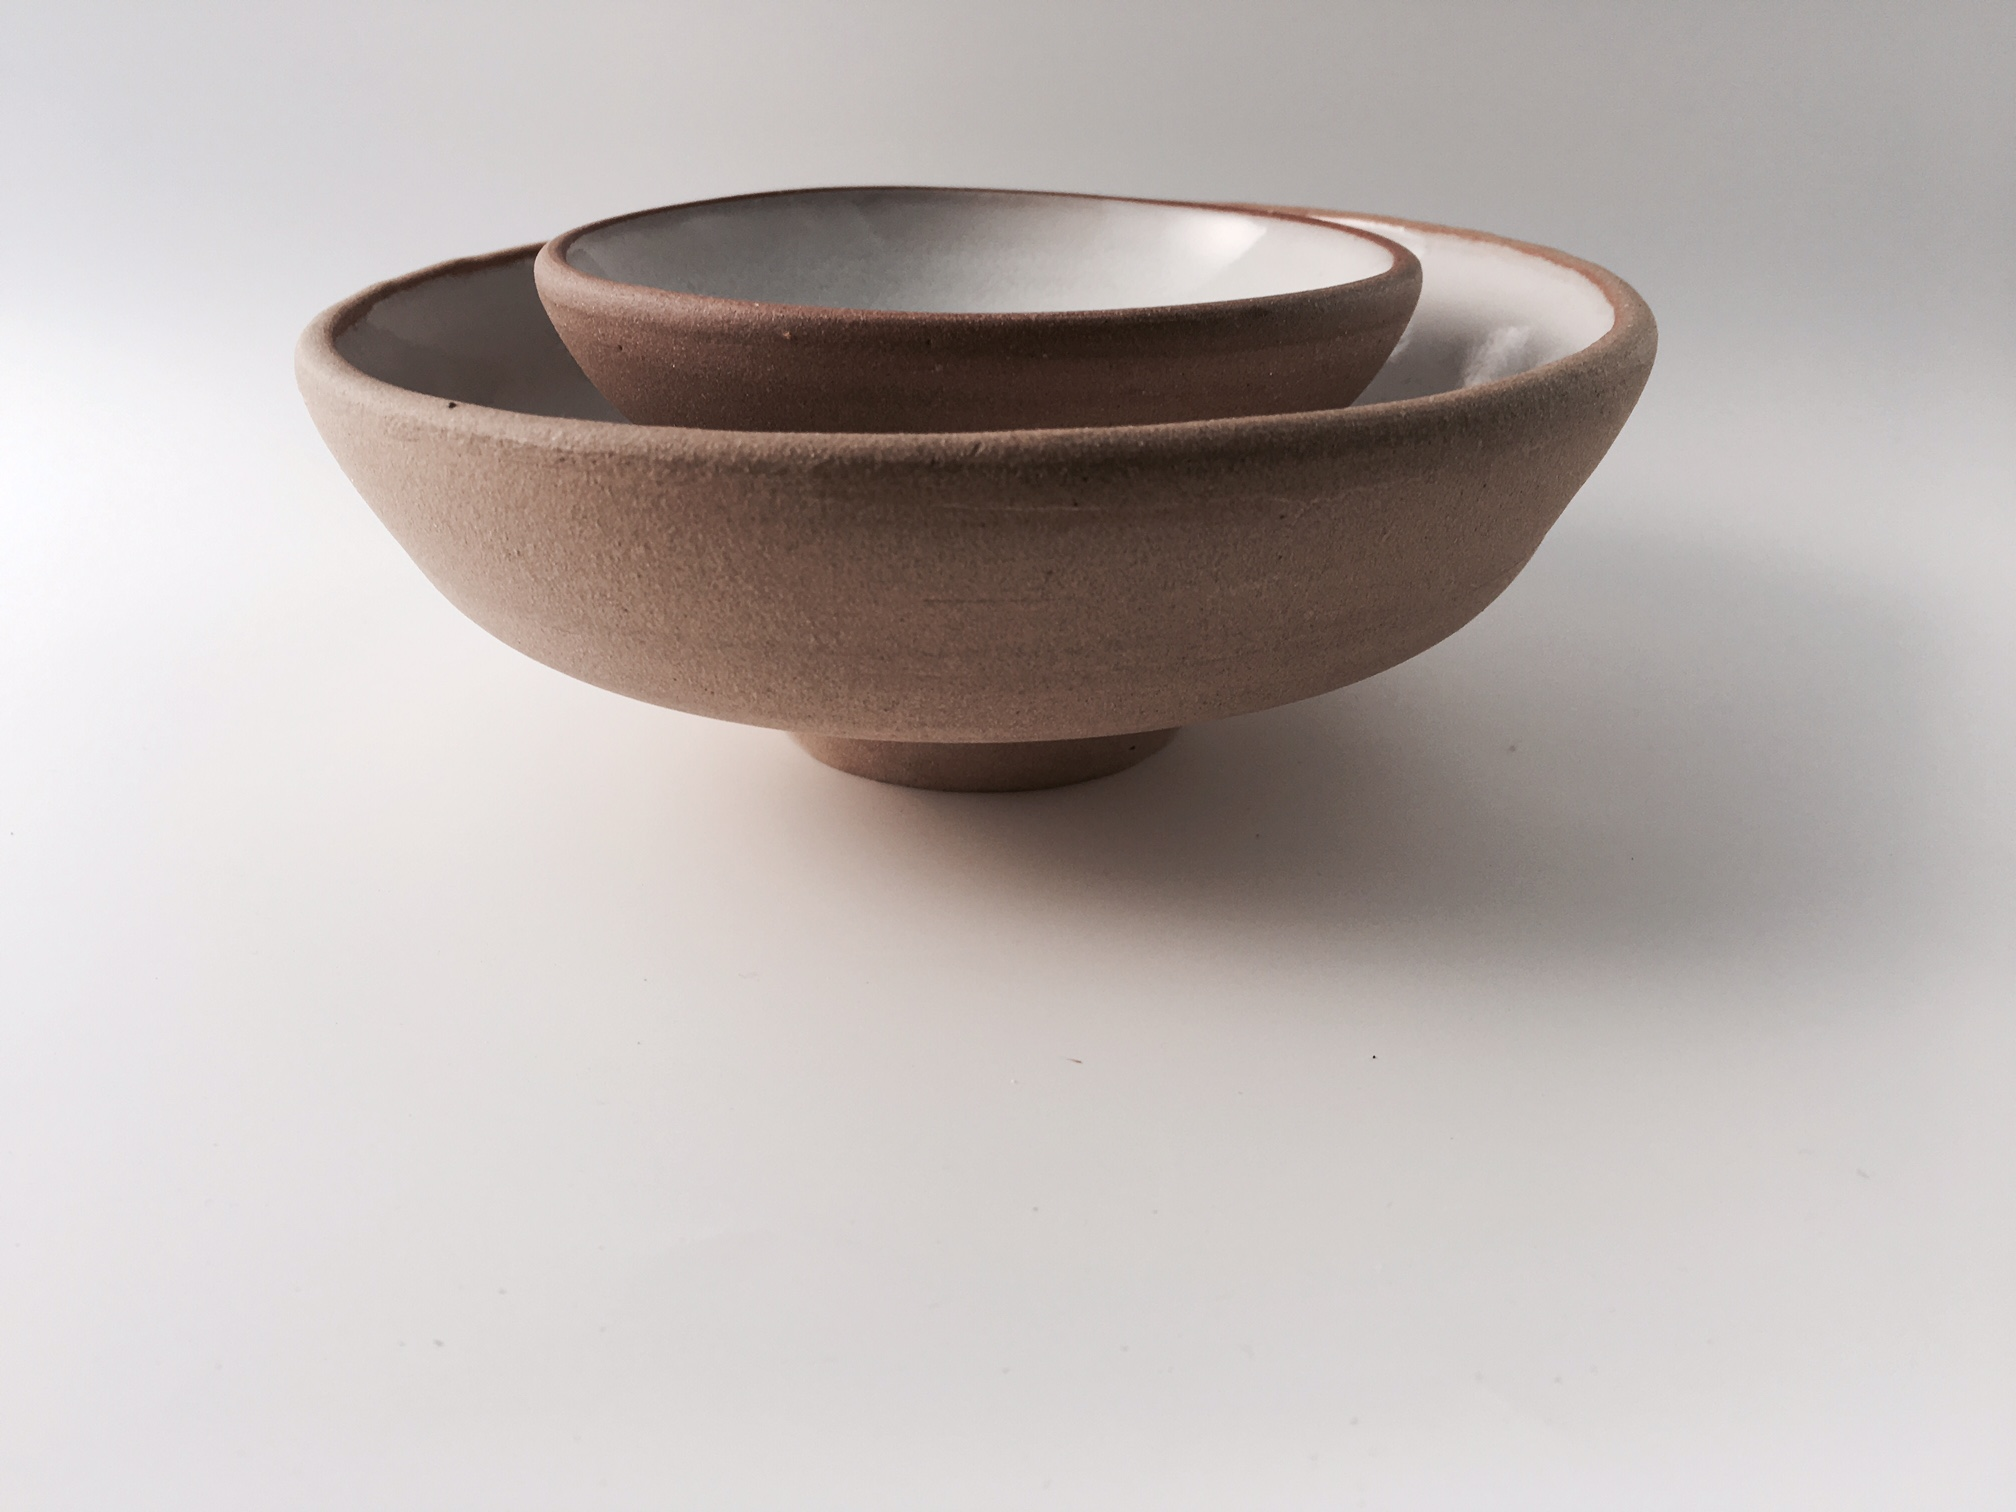 I_pair tapas bowls_nest.jpg